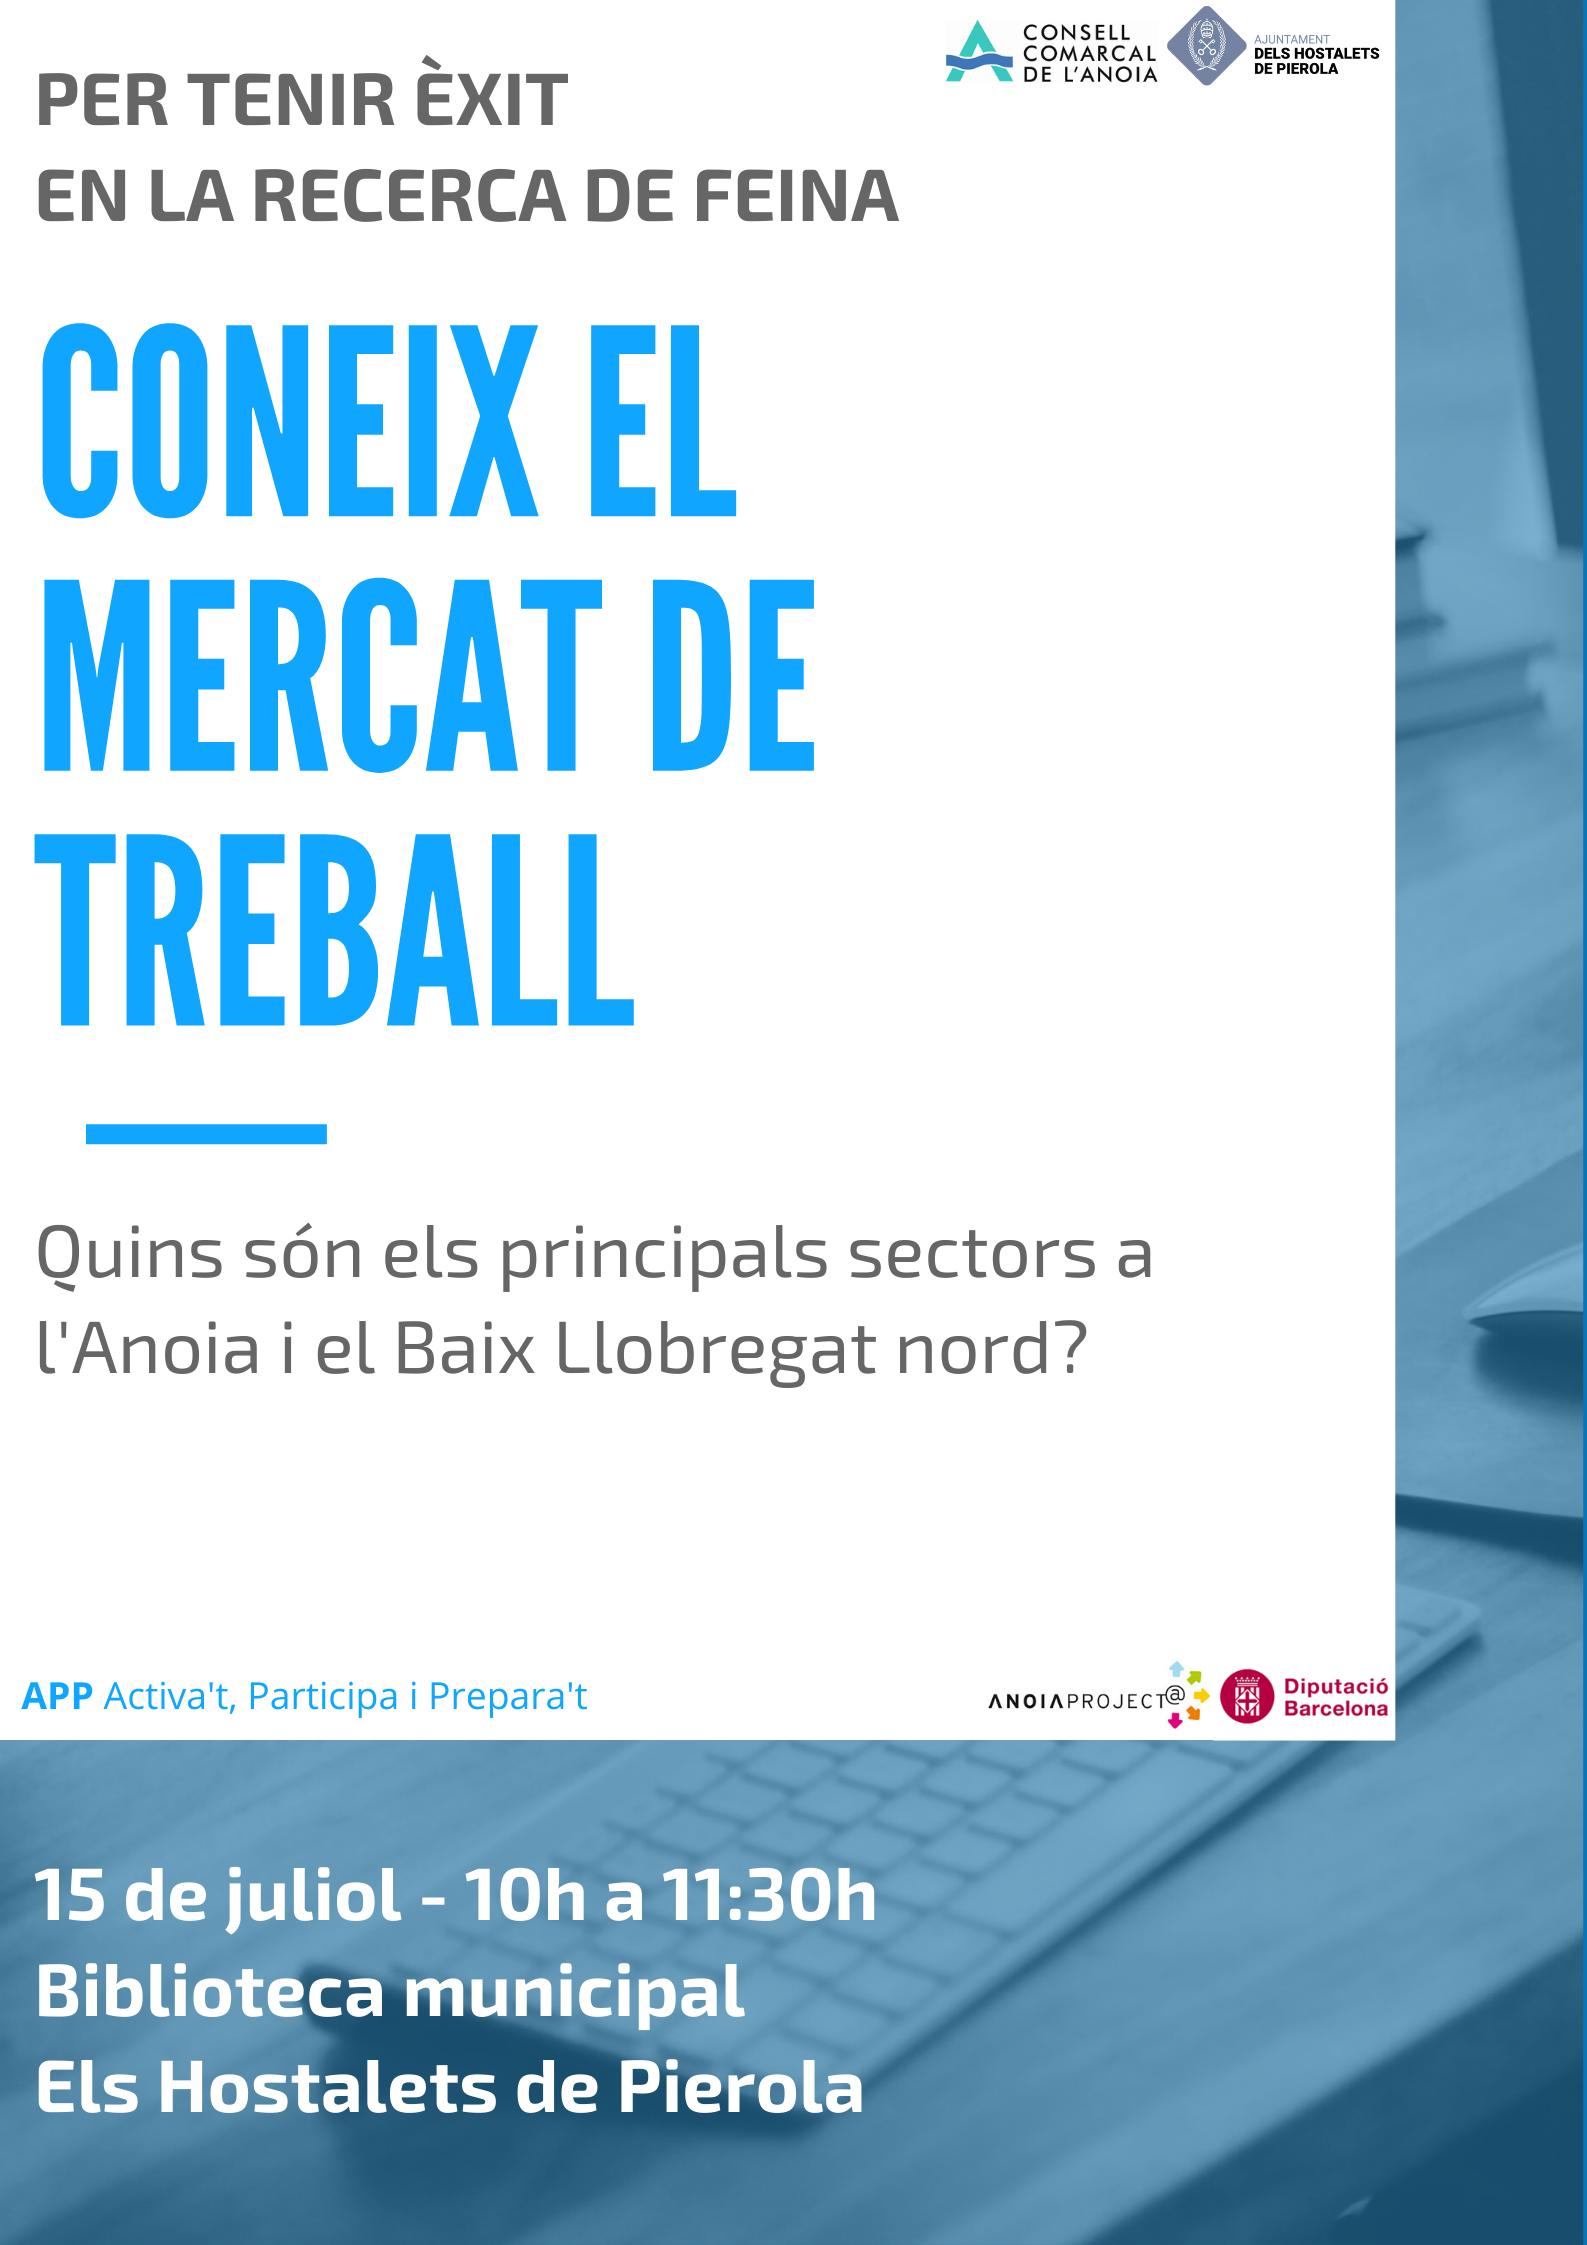 CONEIX EL MERCAT DE TREBALL